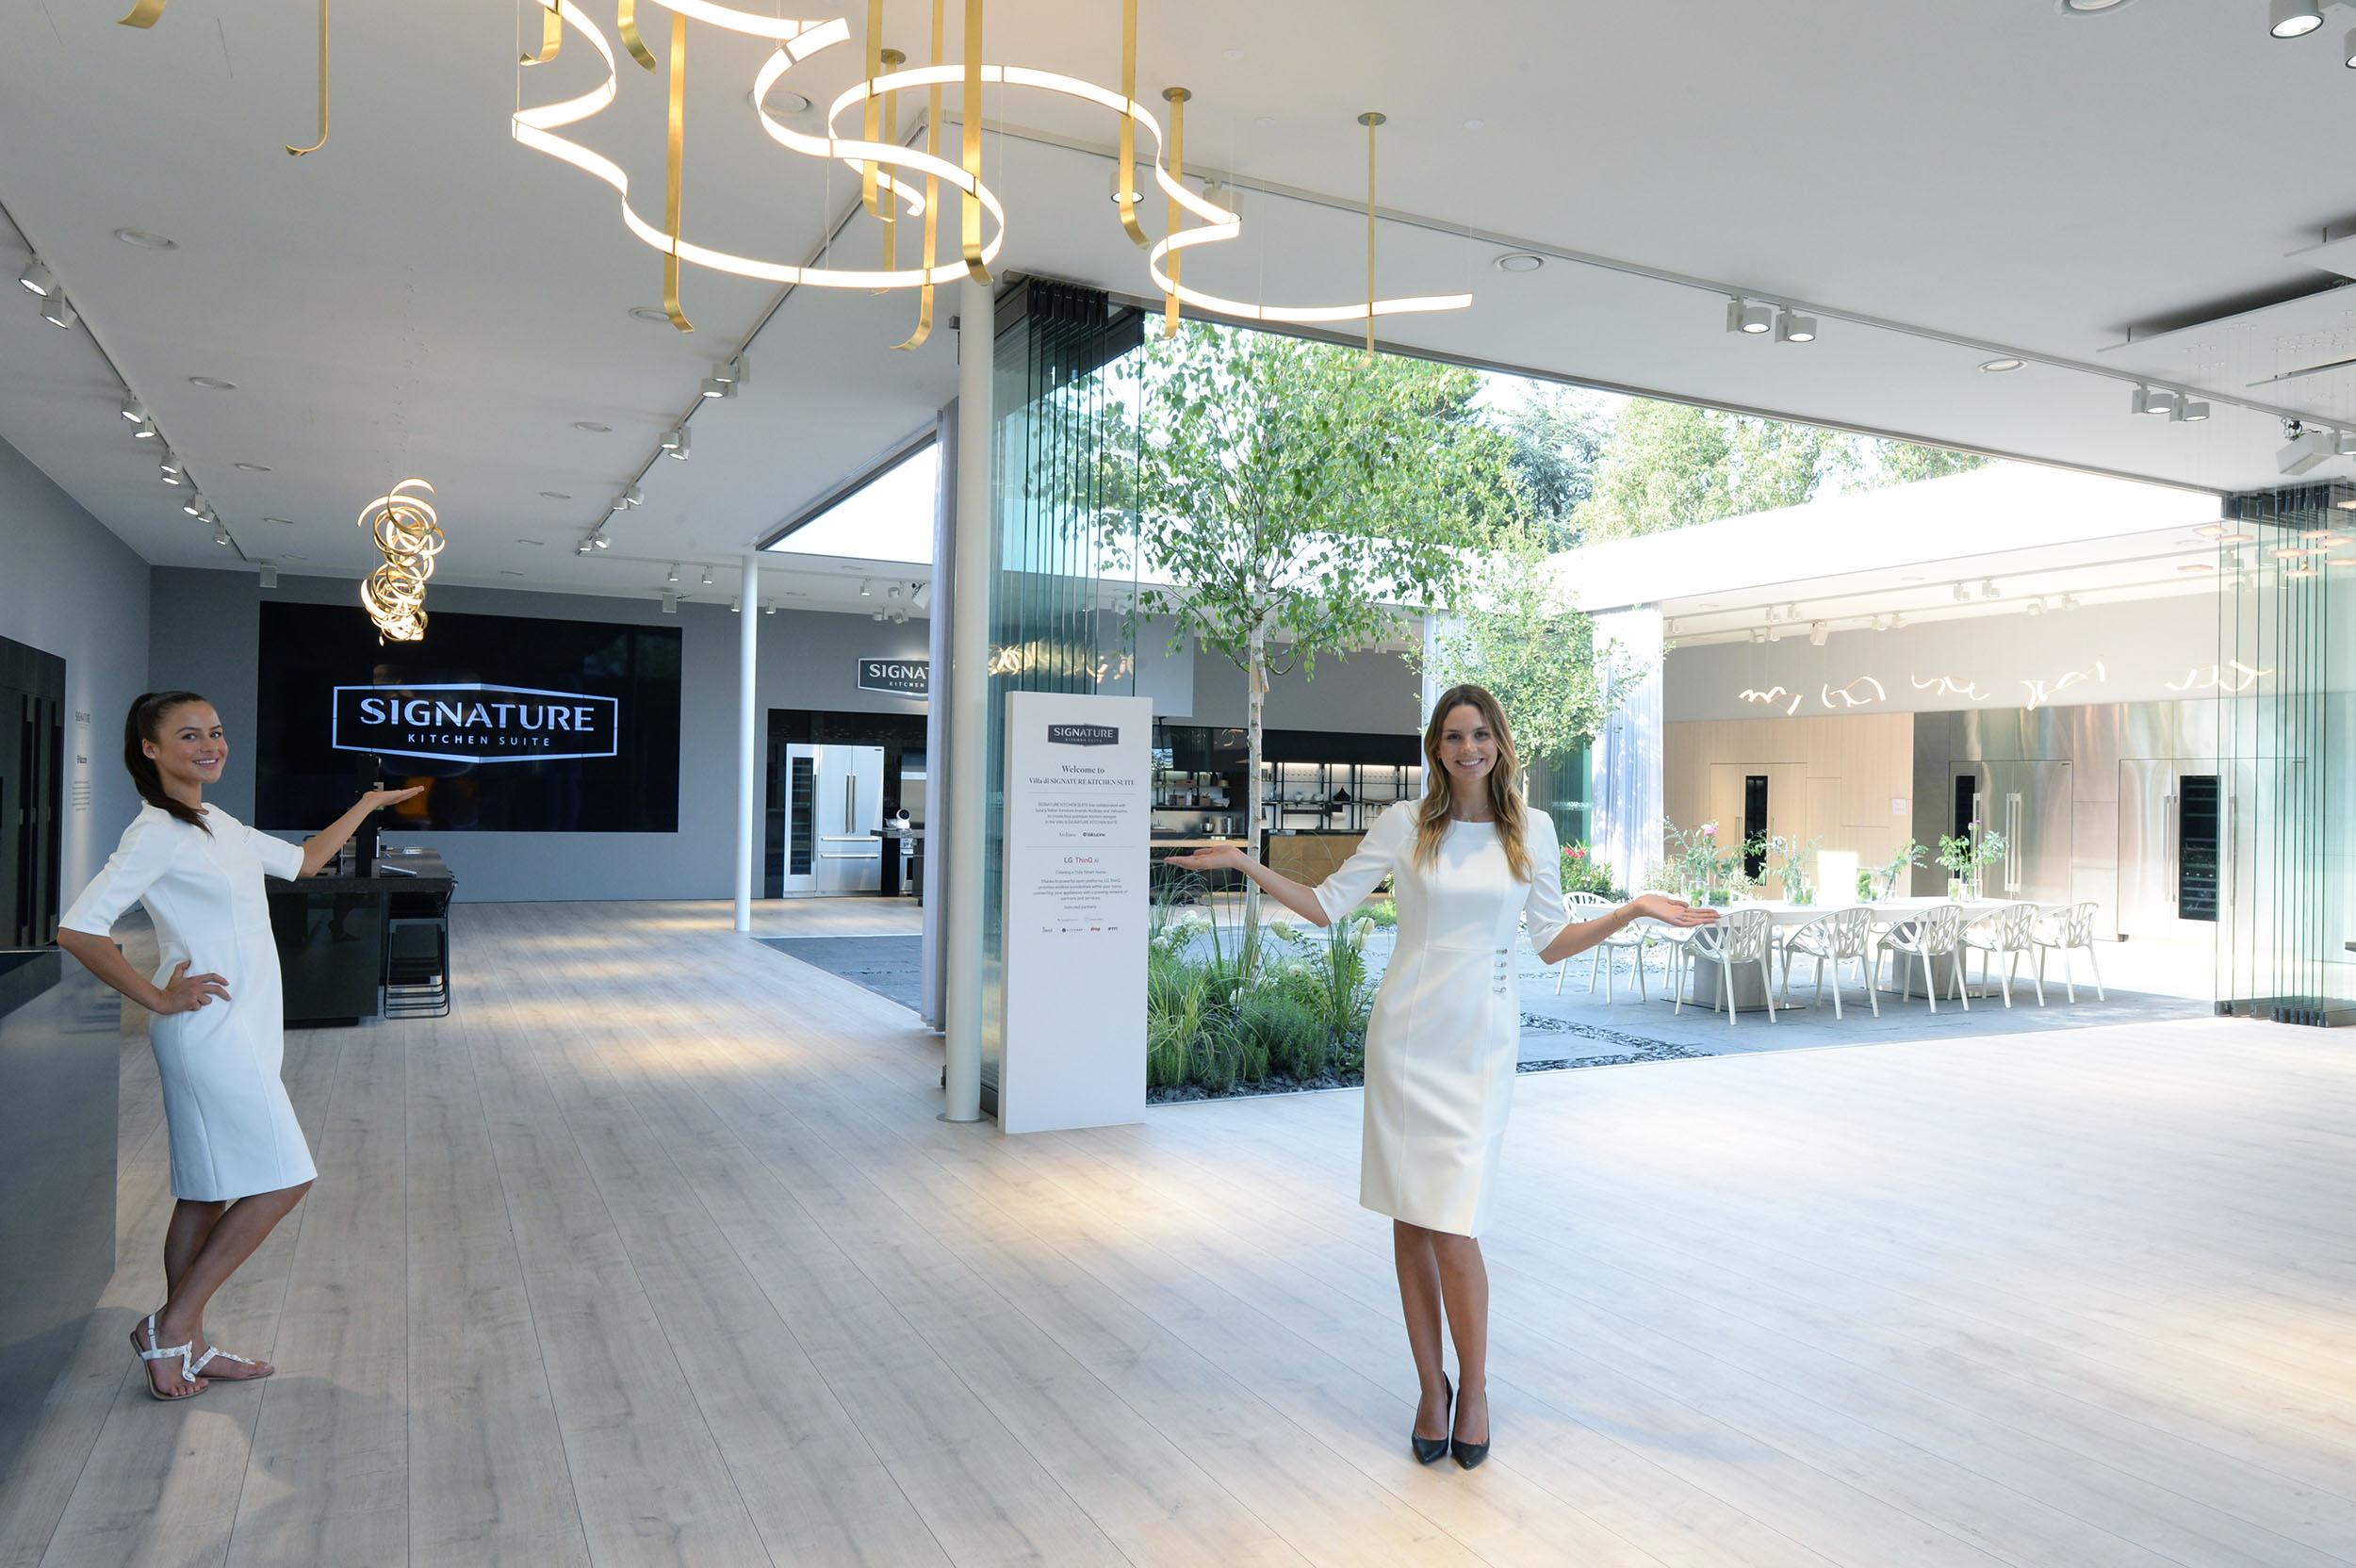 LG전자가 IFA 2018에서 메세 베를린 야외정원에 900제곱미터 규모의 시그니처 키친 스위트 전용 전시관을 마련했다